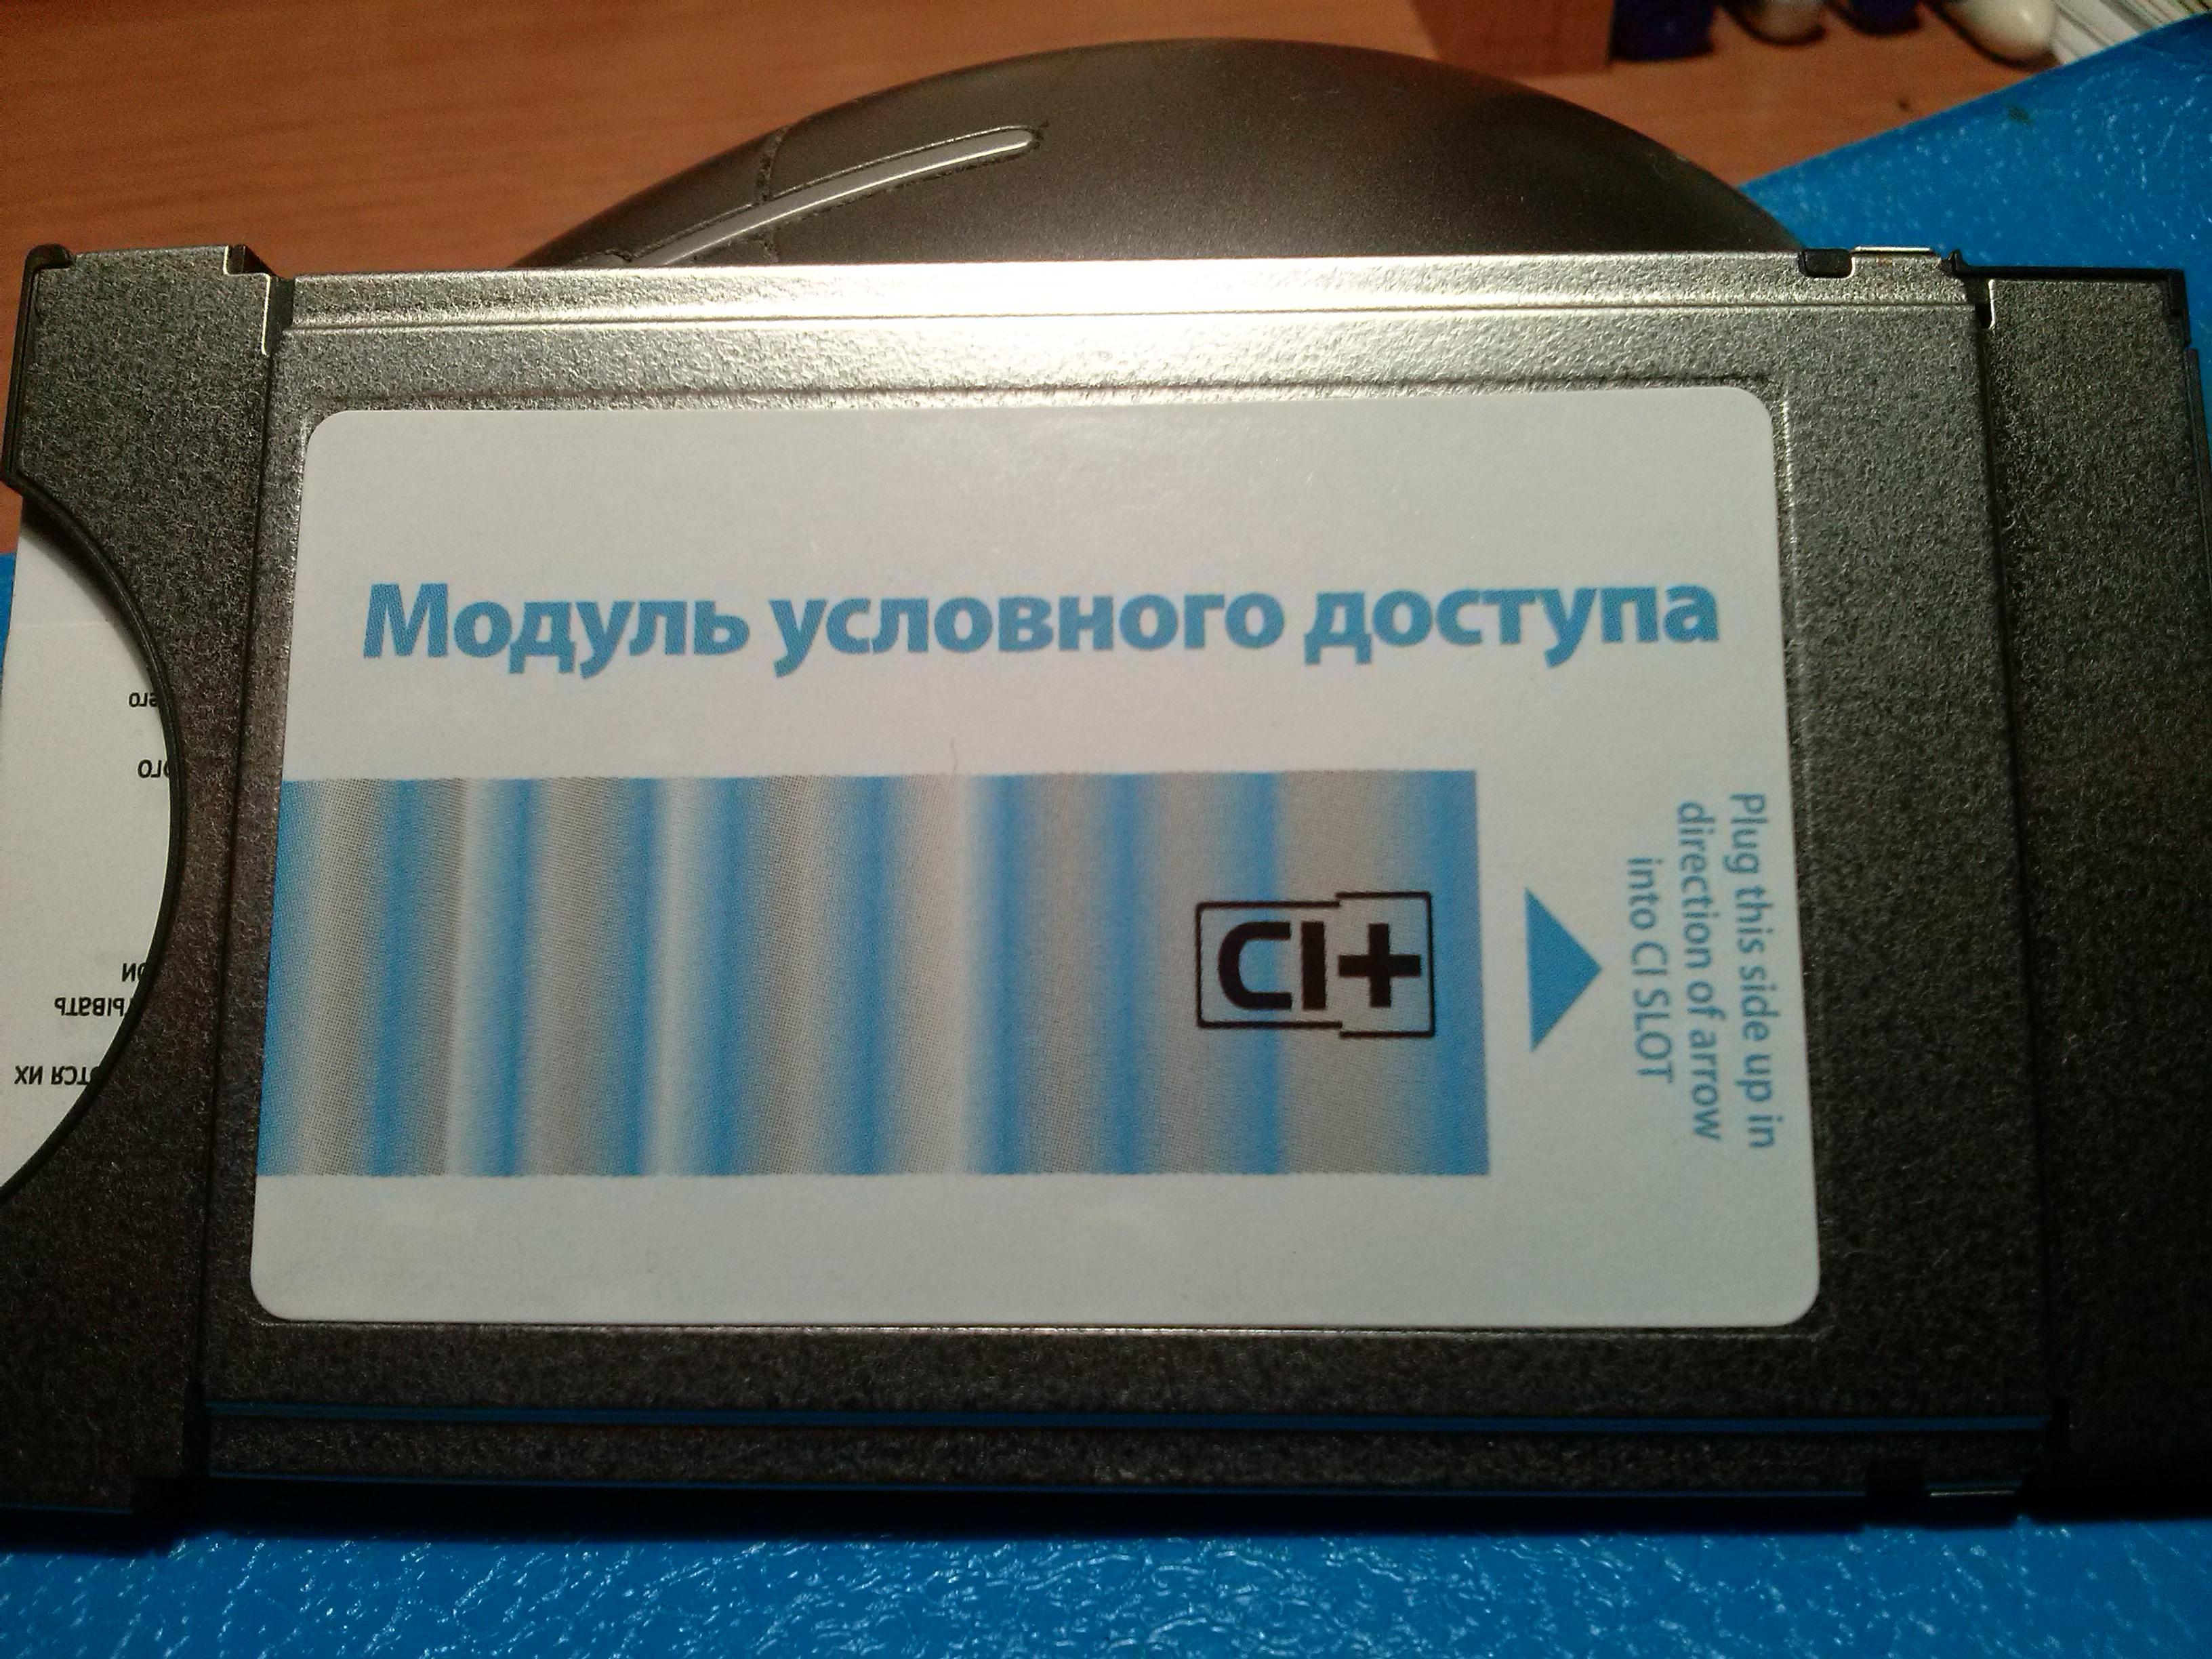 инструкция по настройке cam модуля для телевизора